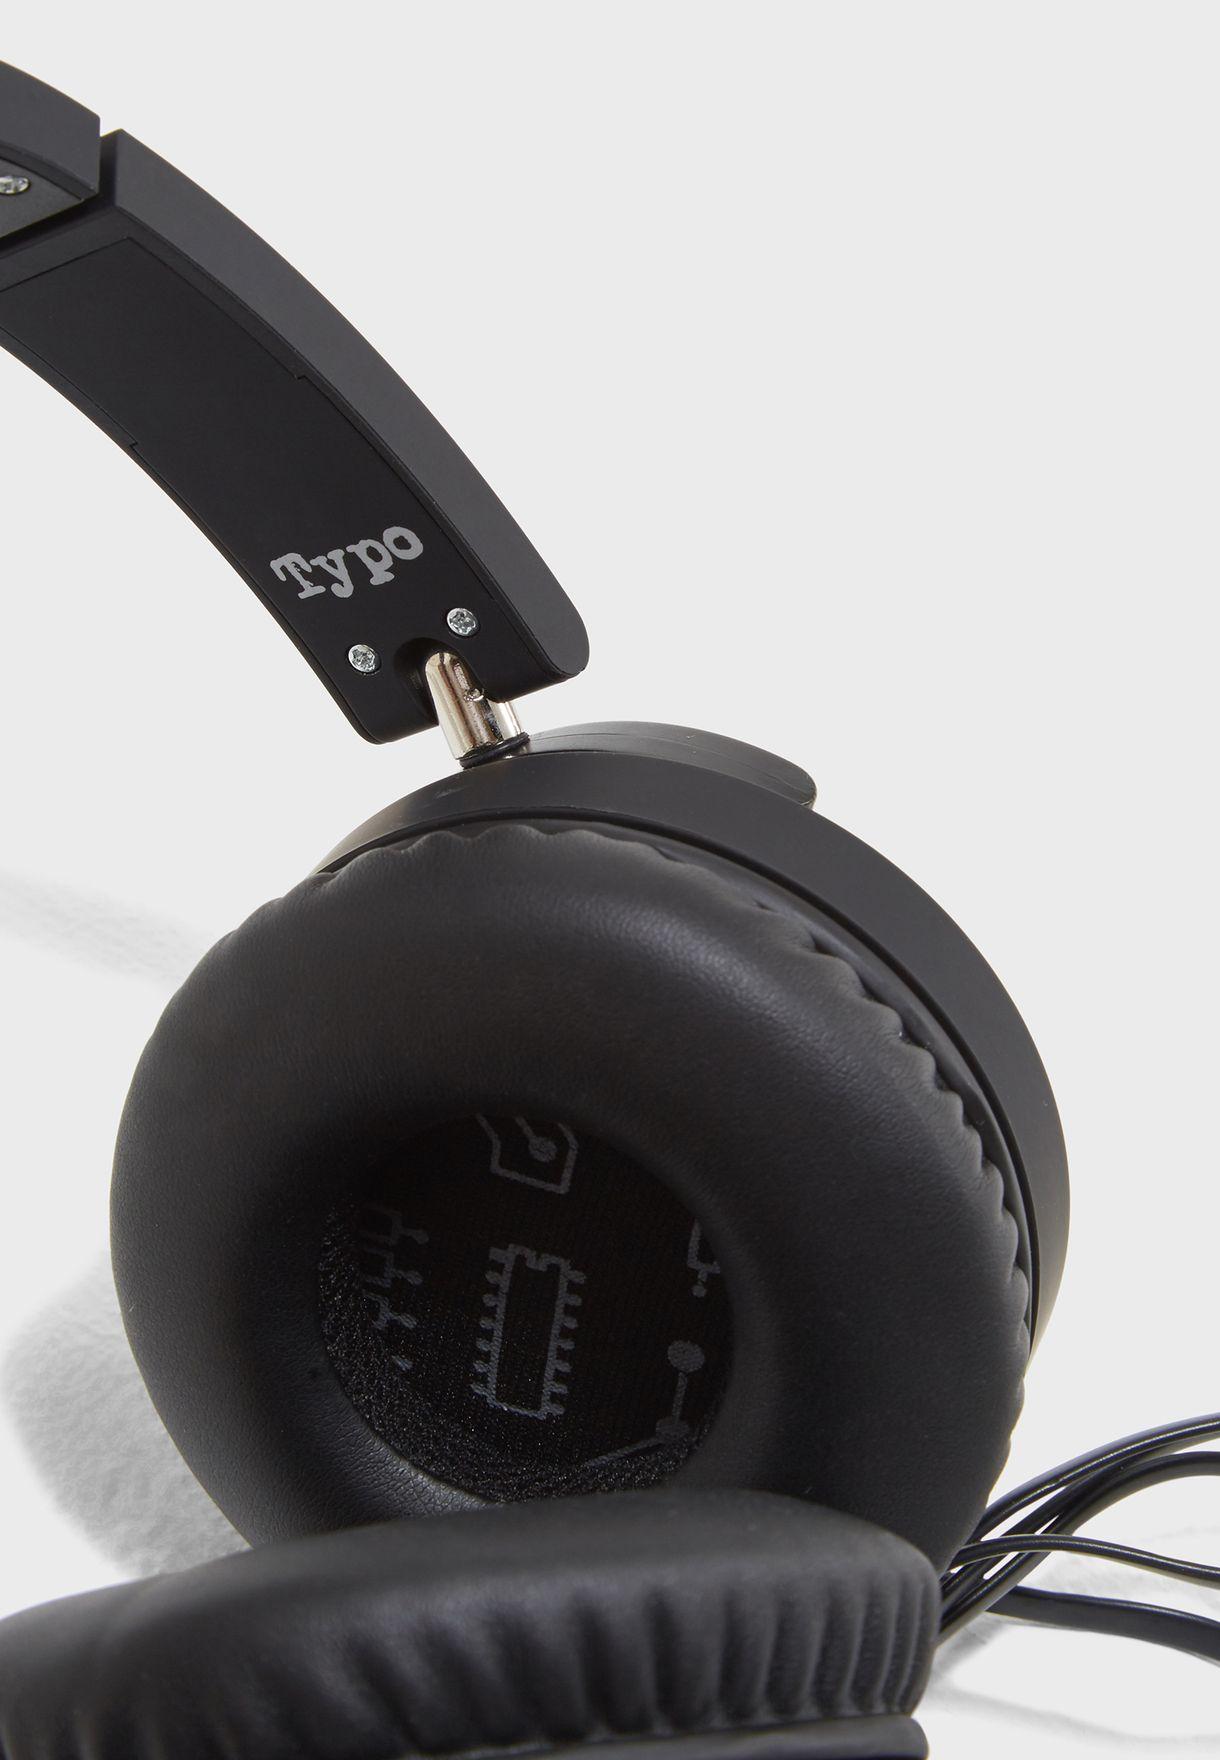 سماعات لاسلكية بتصميم مميز